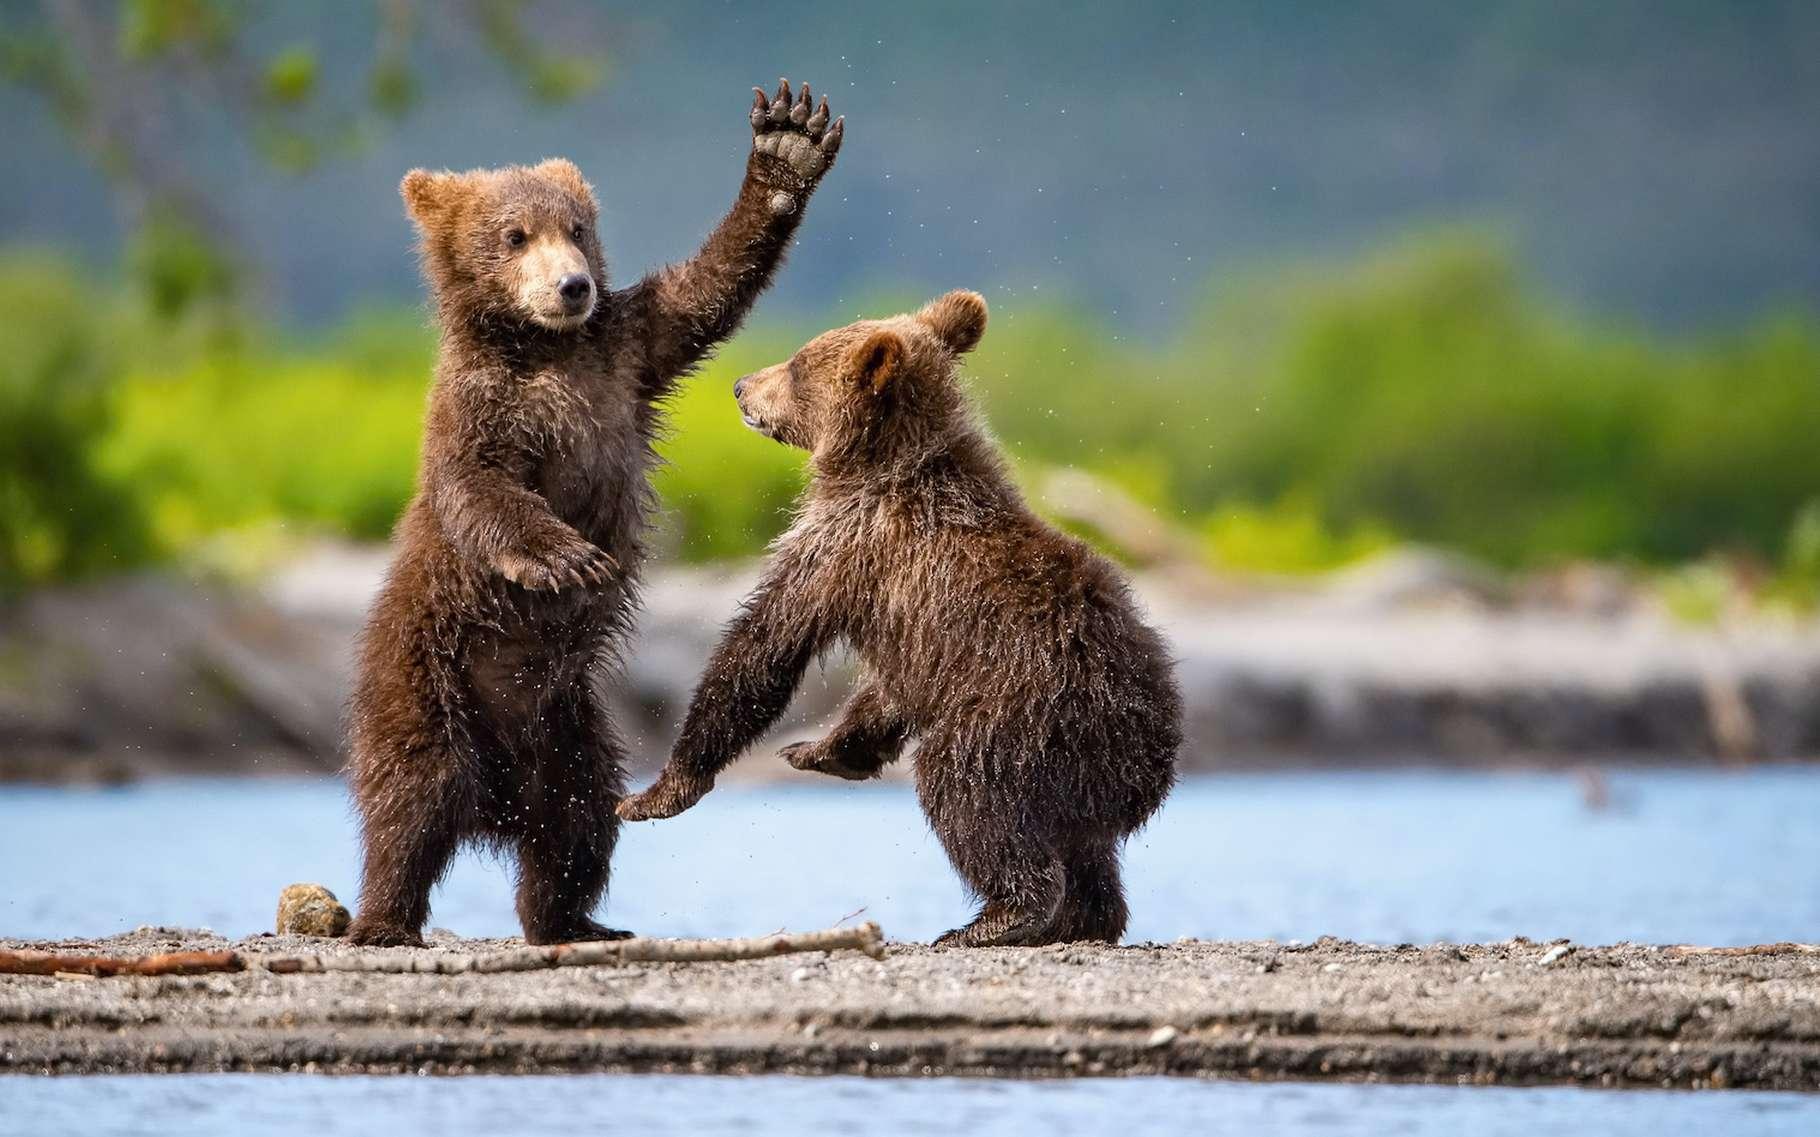 l'ours brun sait se servir d'outils